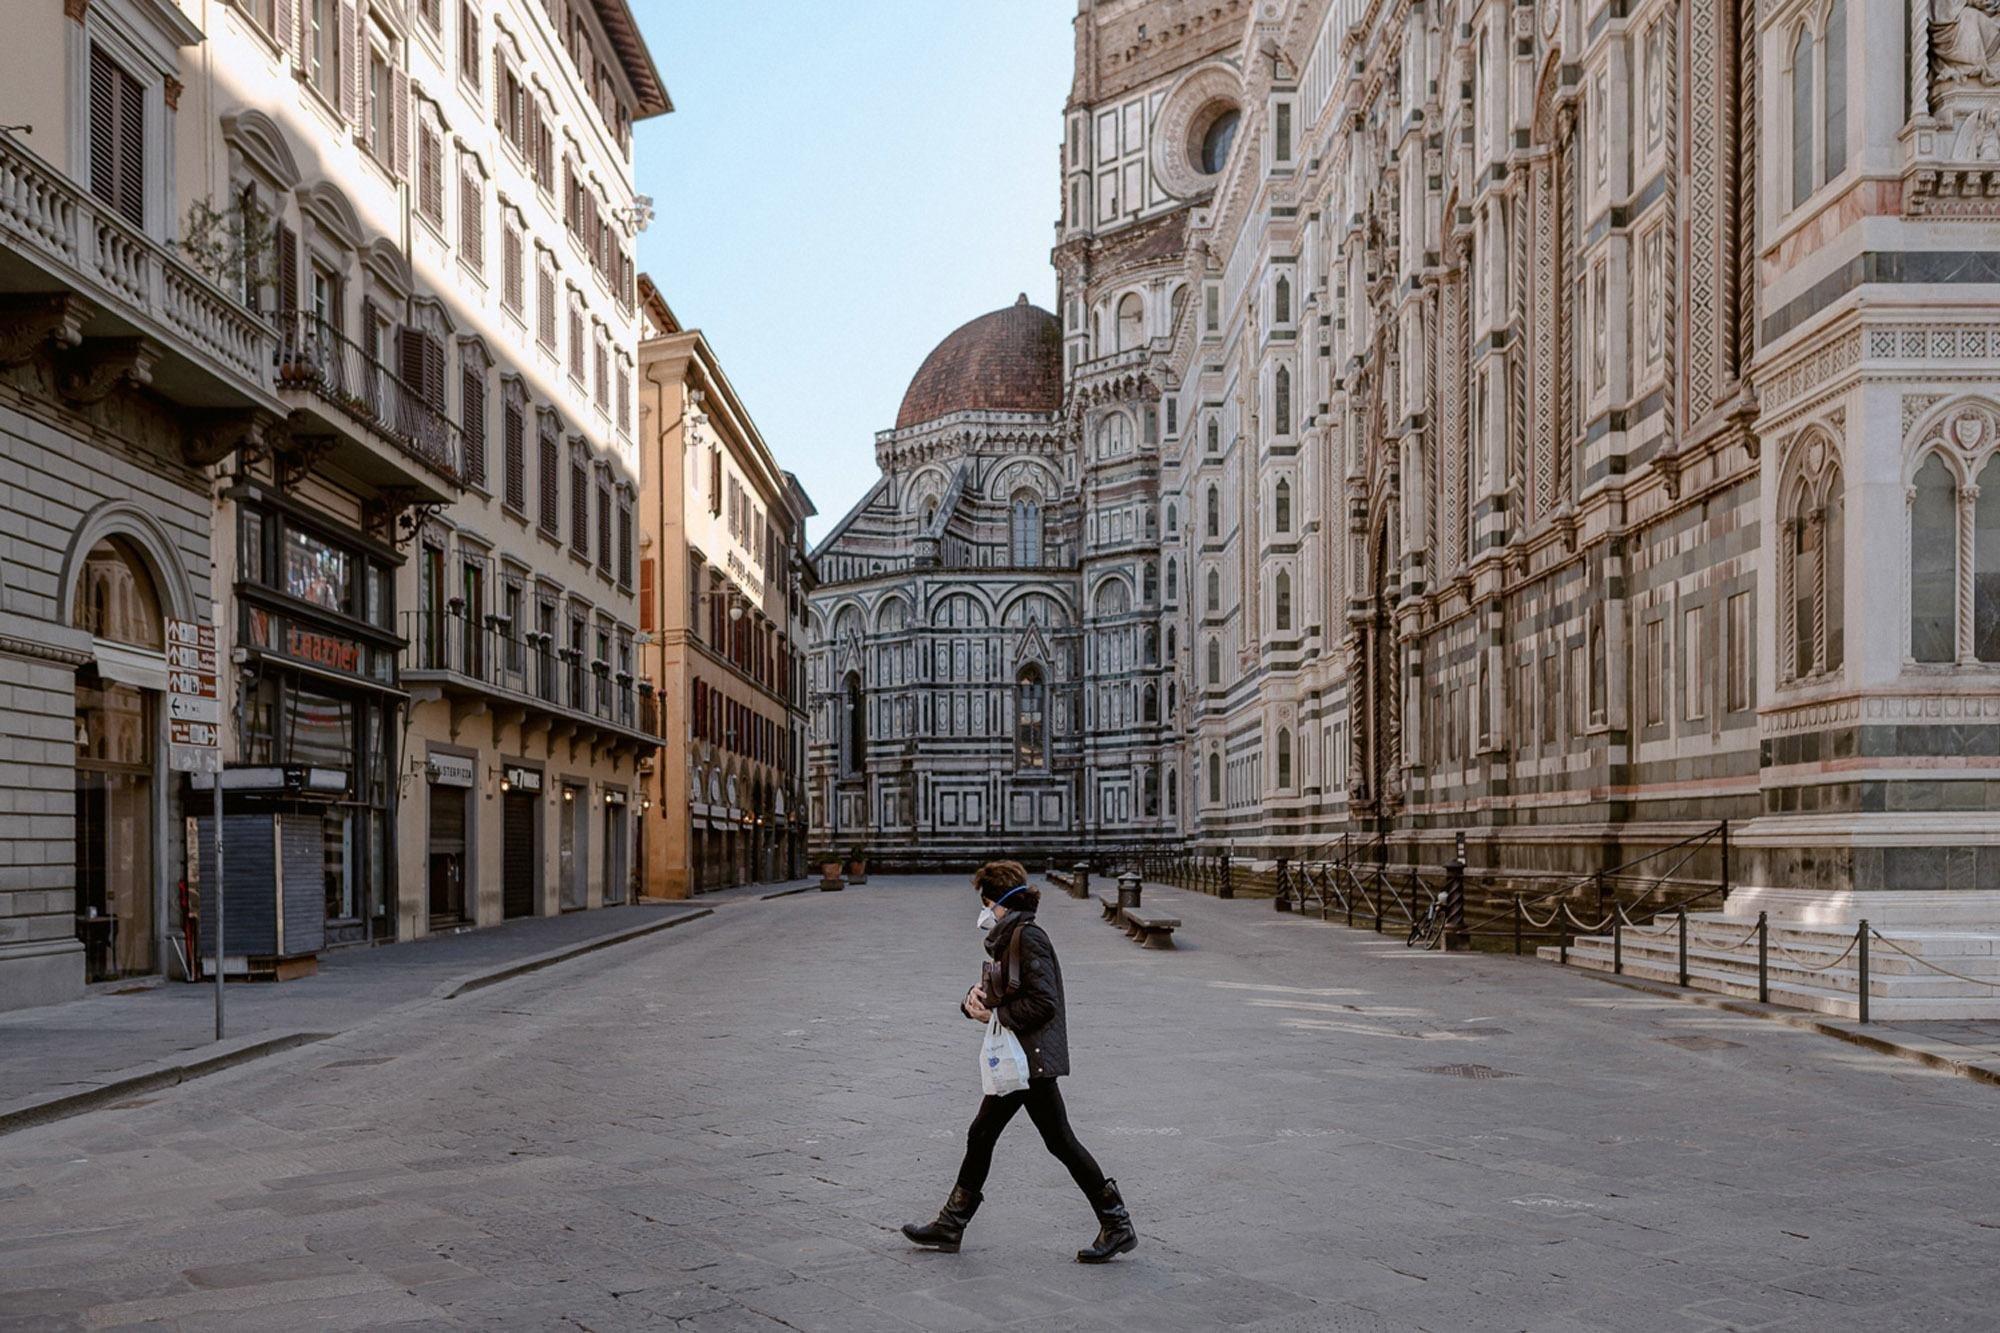 一名形单影只的路人走过佛罗伦萨市中心的主教座堂广场。